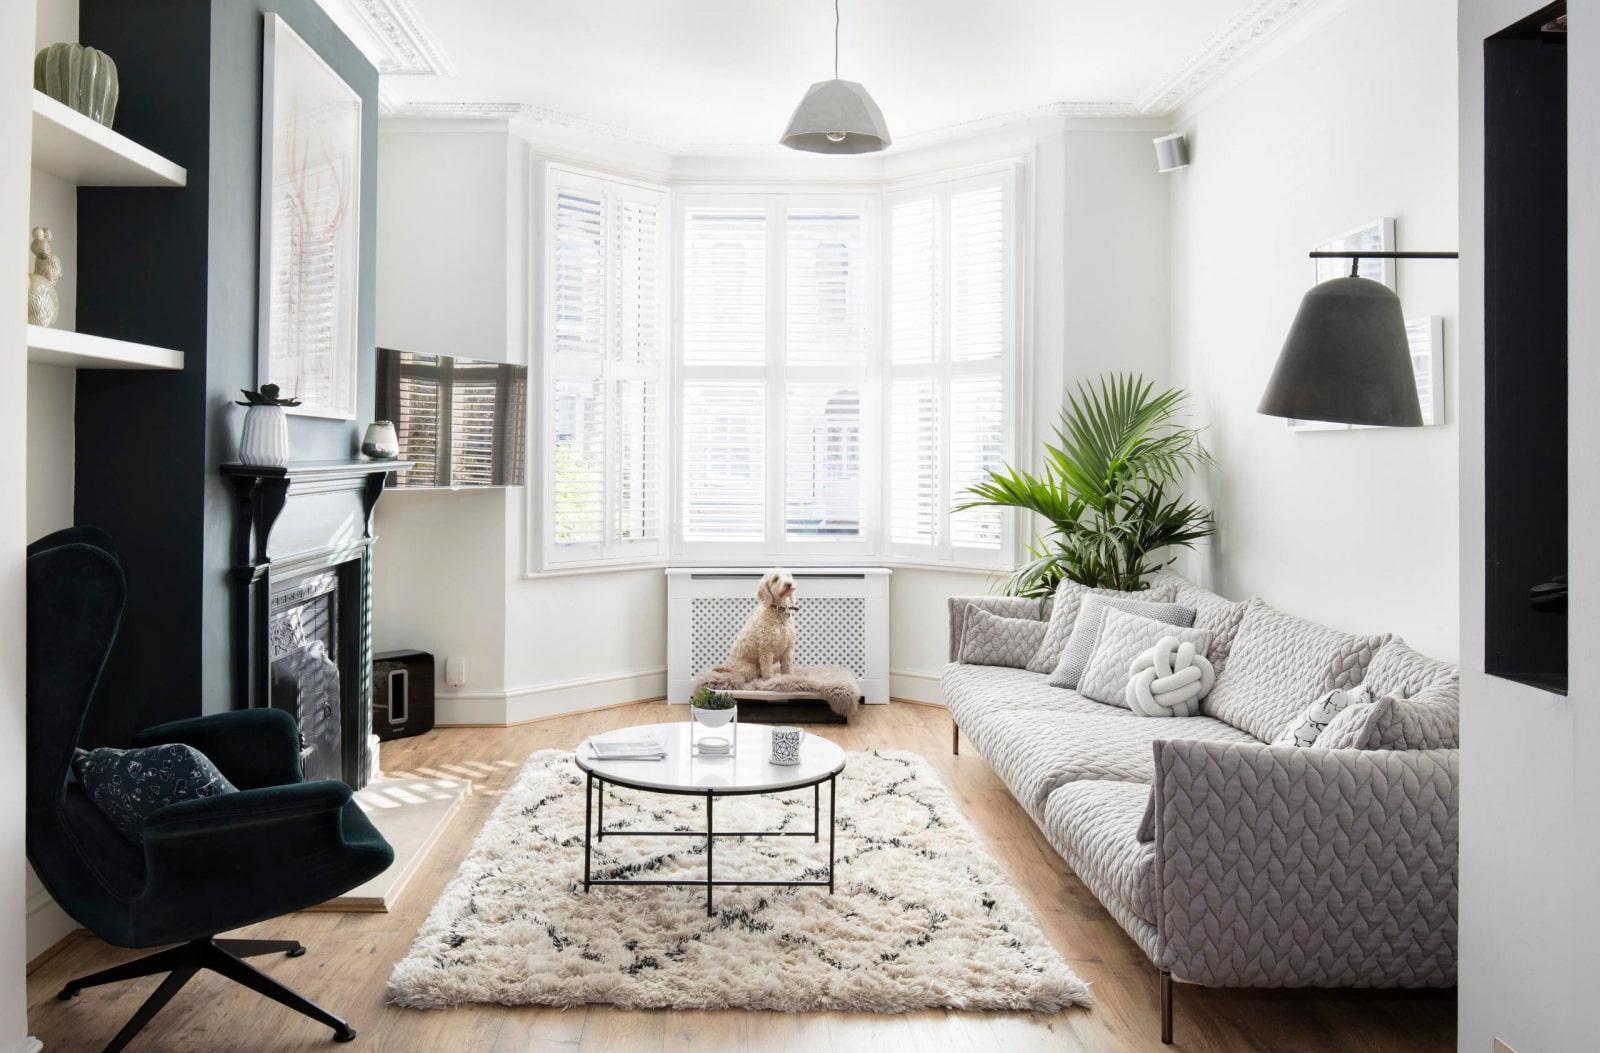 TV u dnevnoj sobi: 50+ fotografija, najbolje ideje za dizajn u  unutrašnjosti dvorane